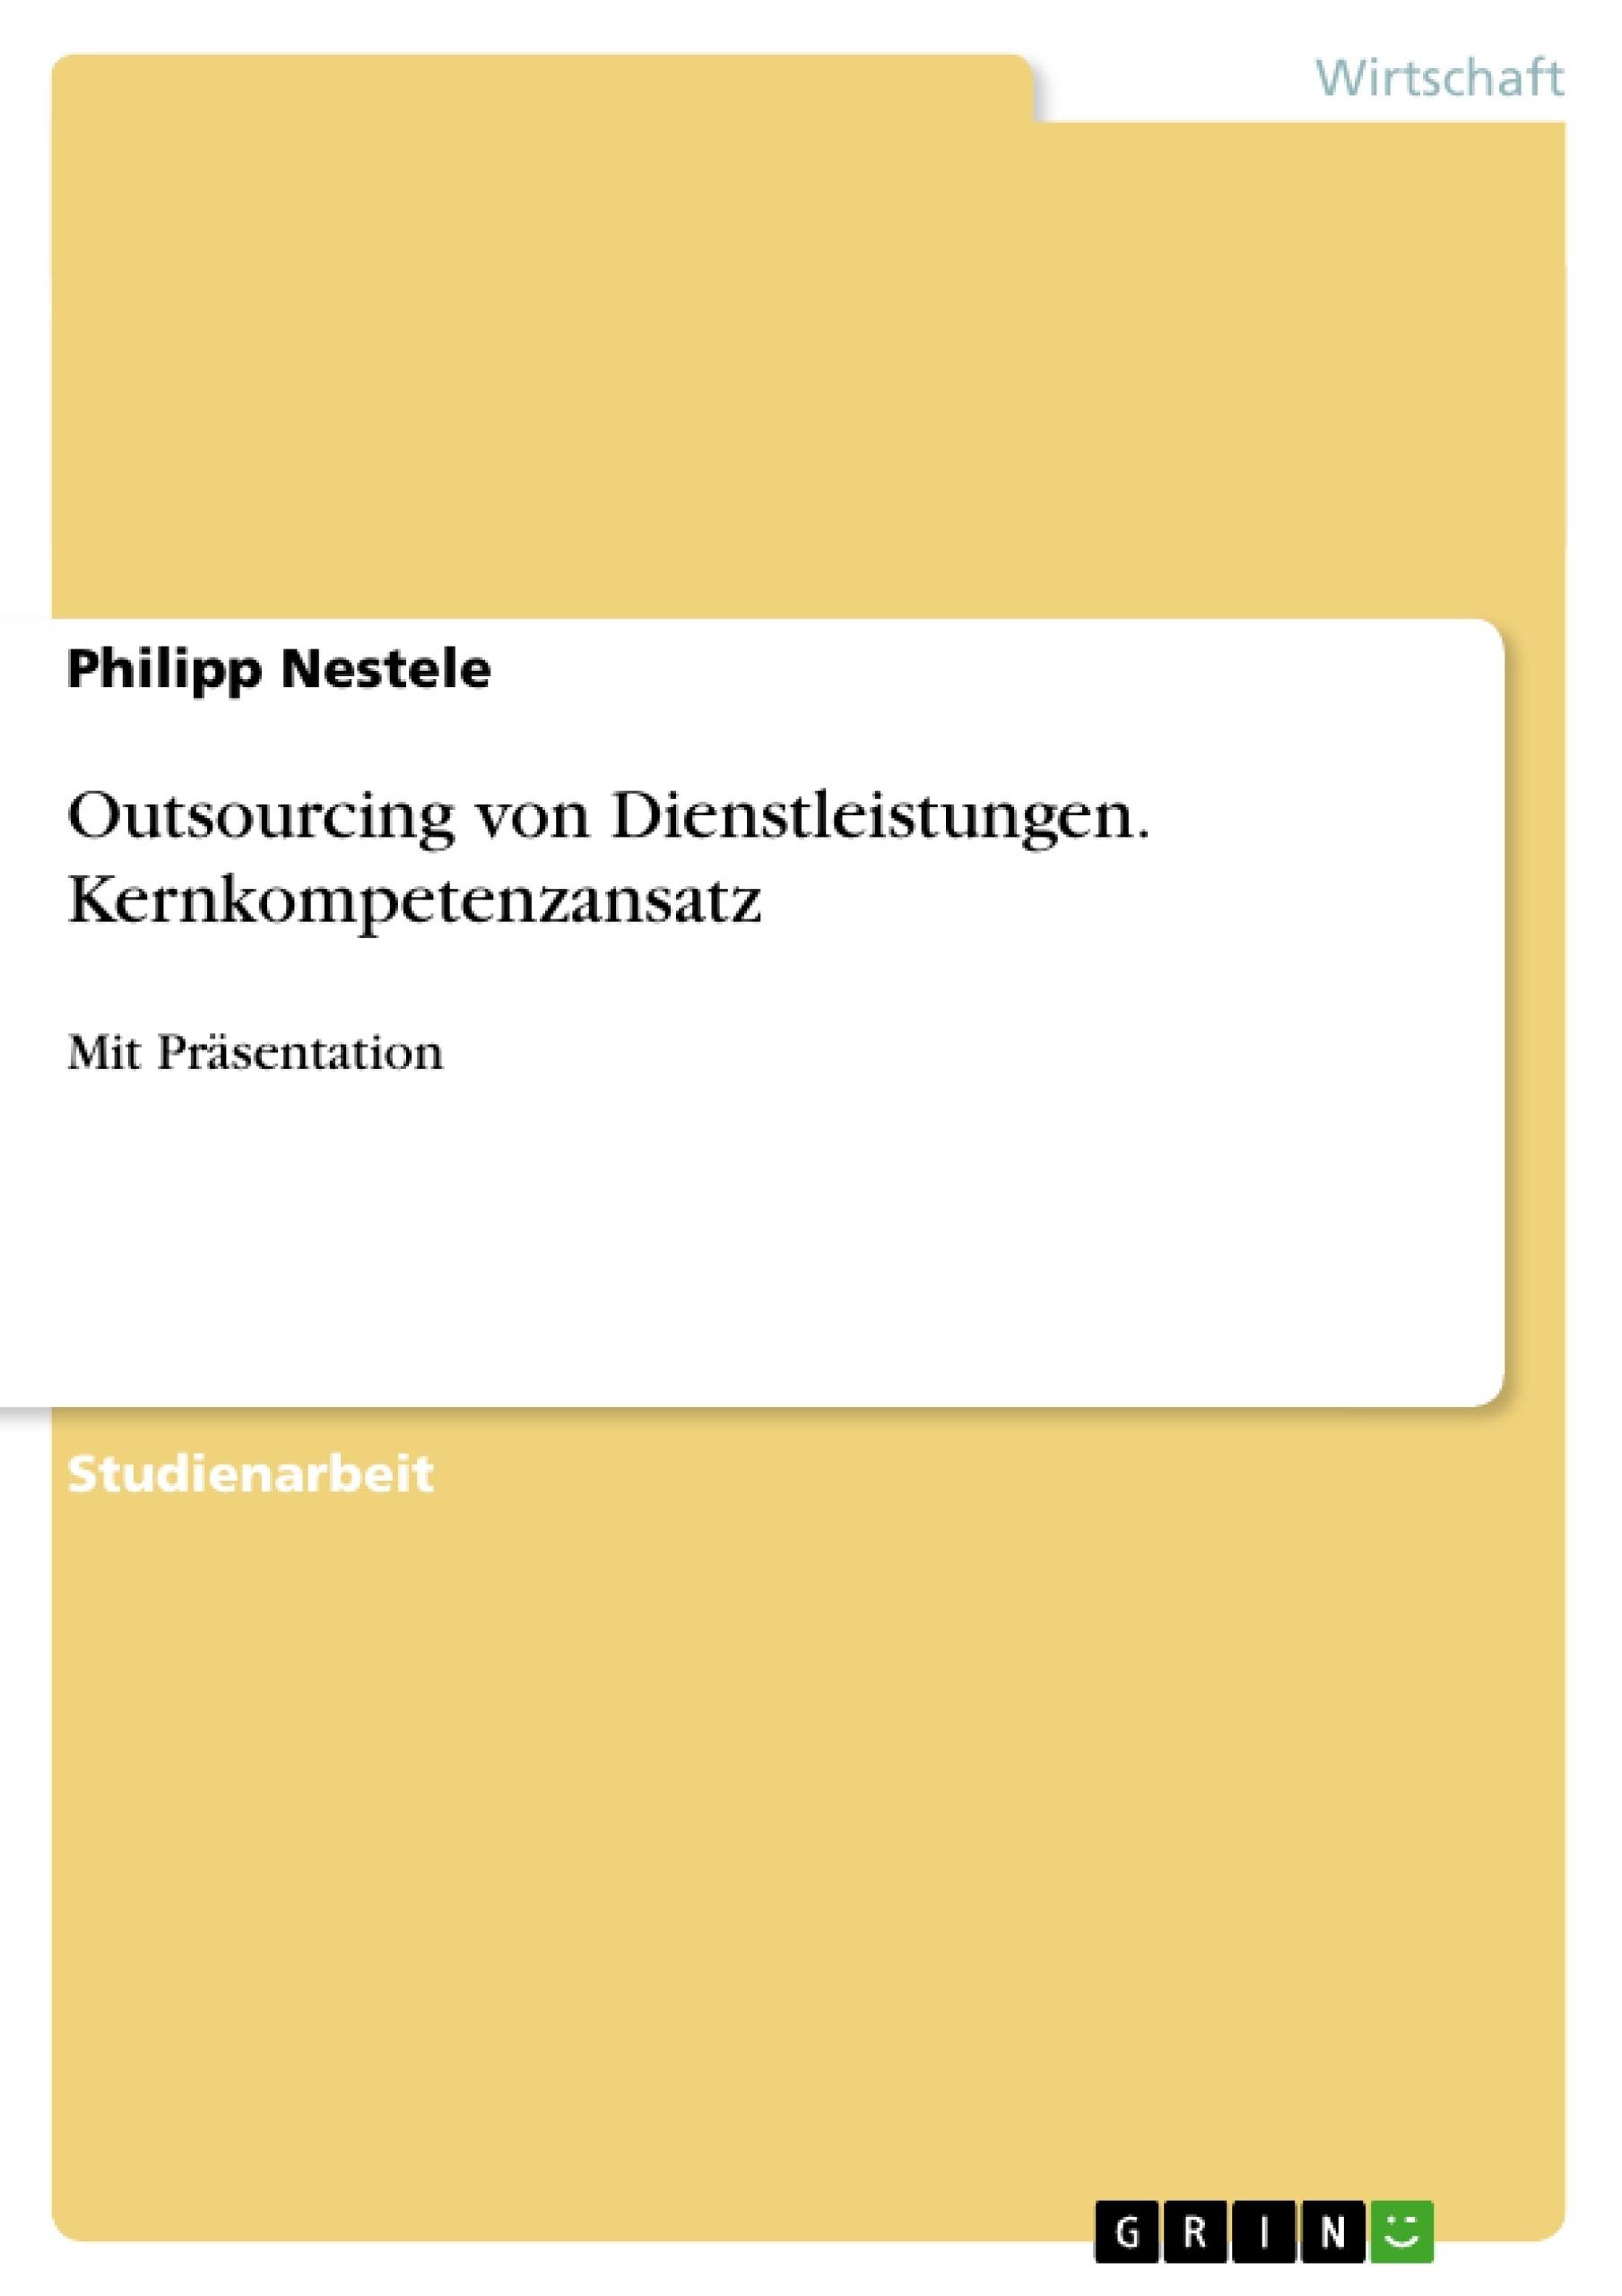 Titel: Outsourcing von Dienstleistungen. Kernkompetenzansatz